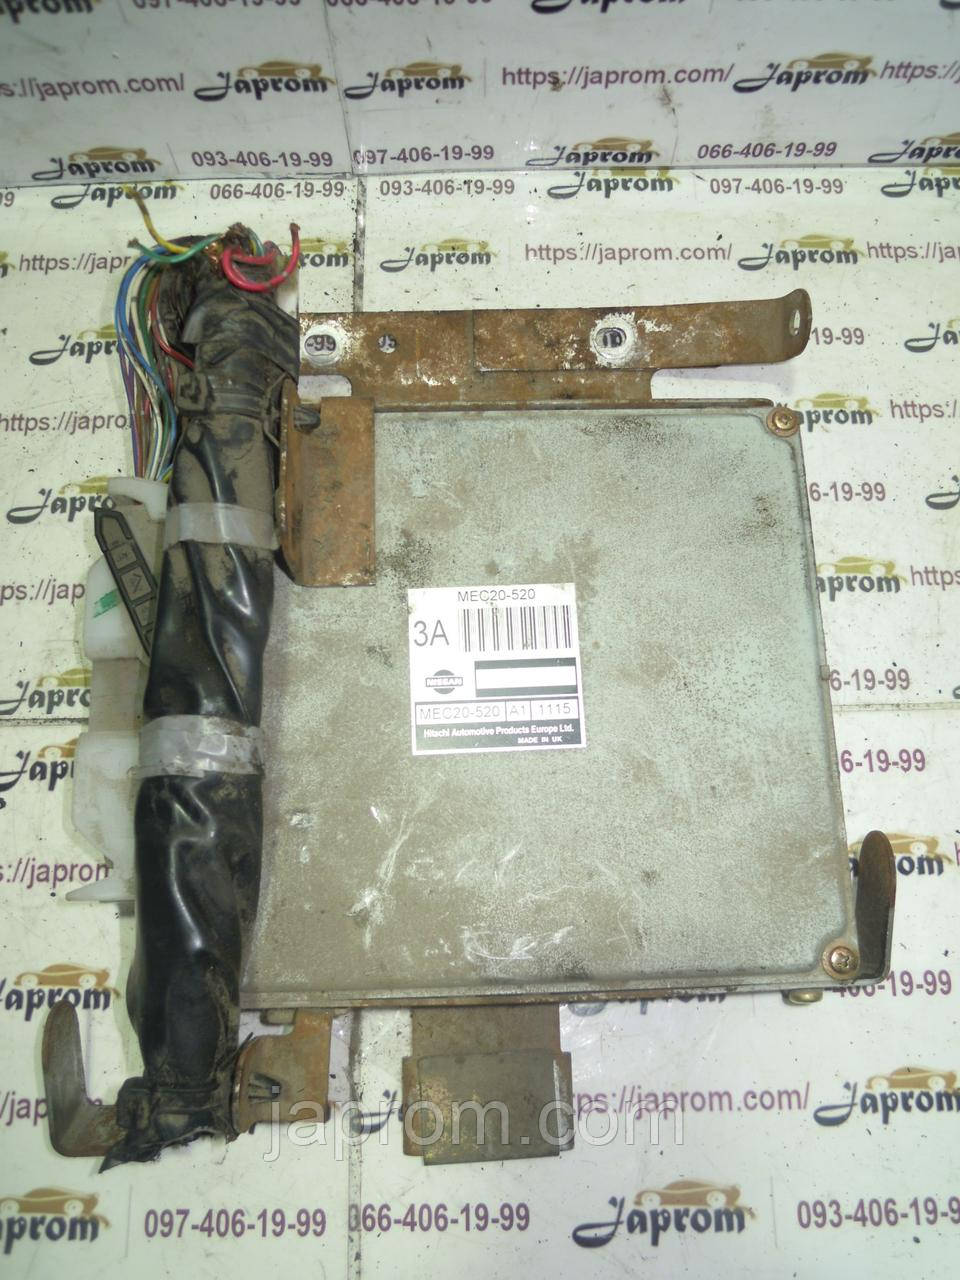 Блок управления двигателем комплект Nissan Primera P11 2001г.в 1.6 бензин